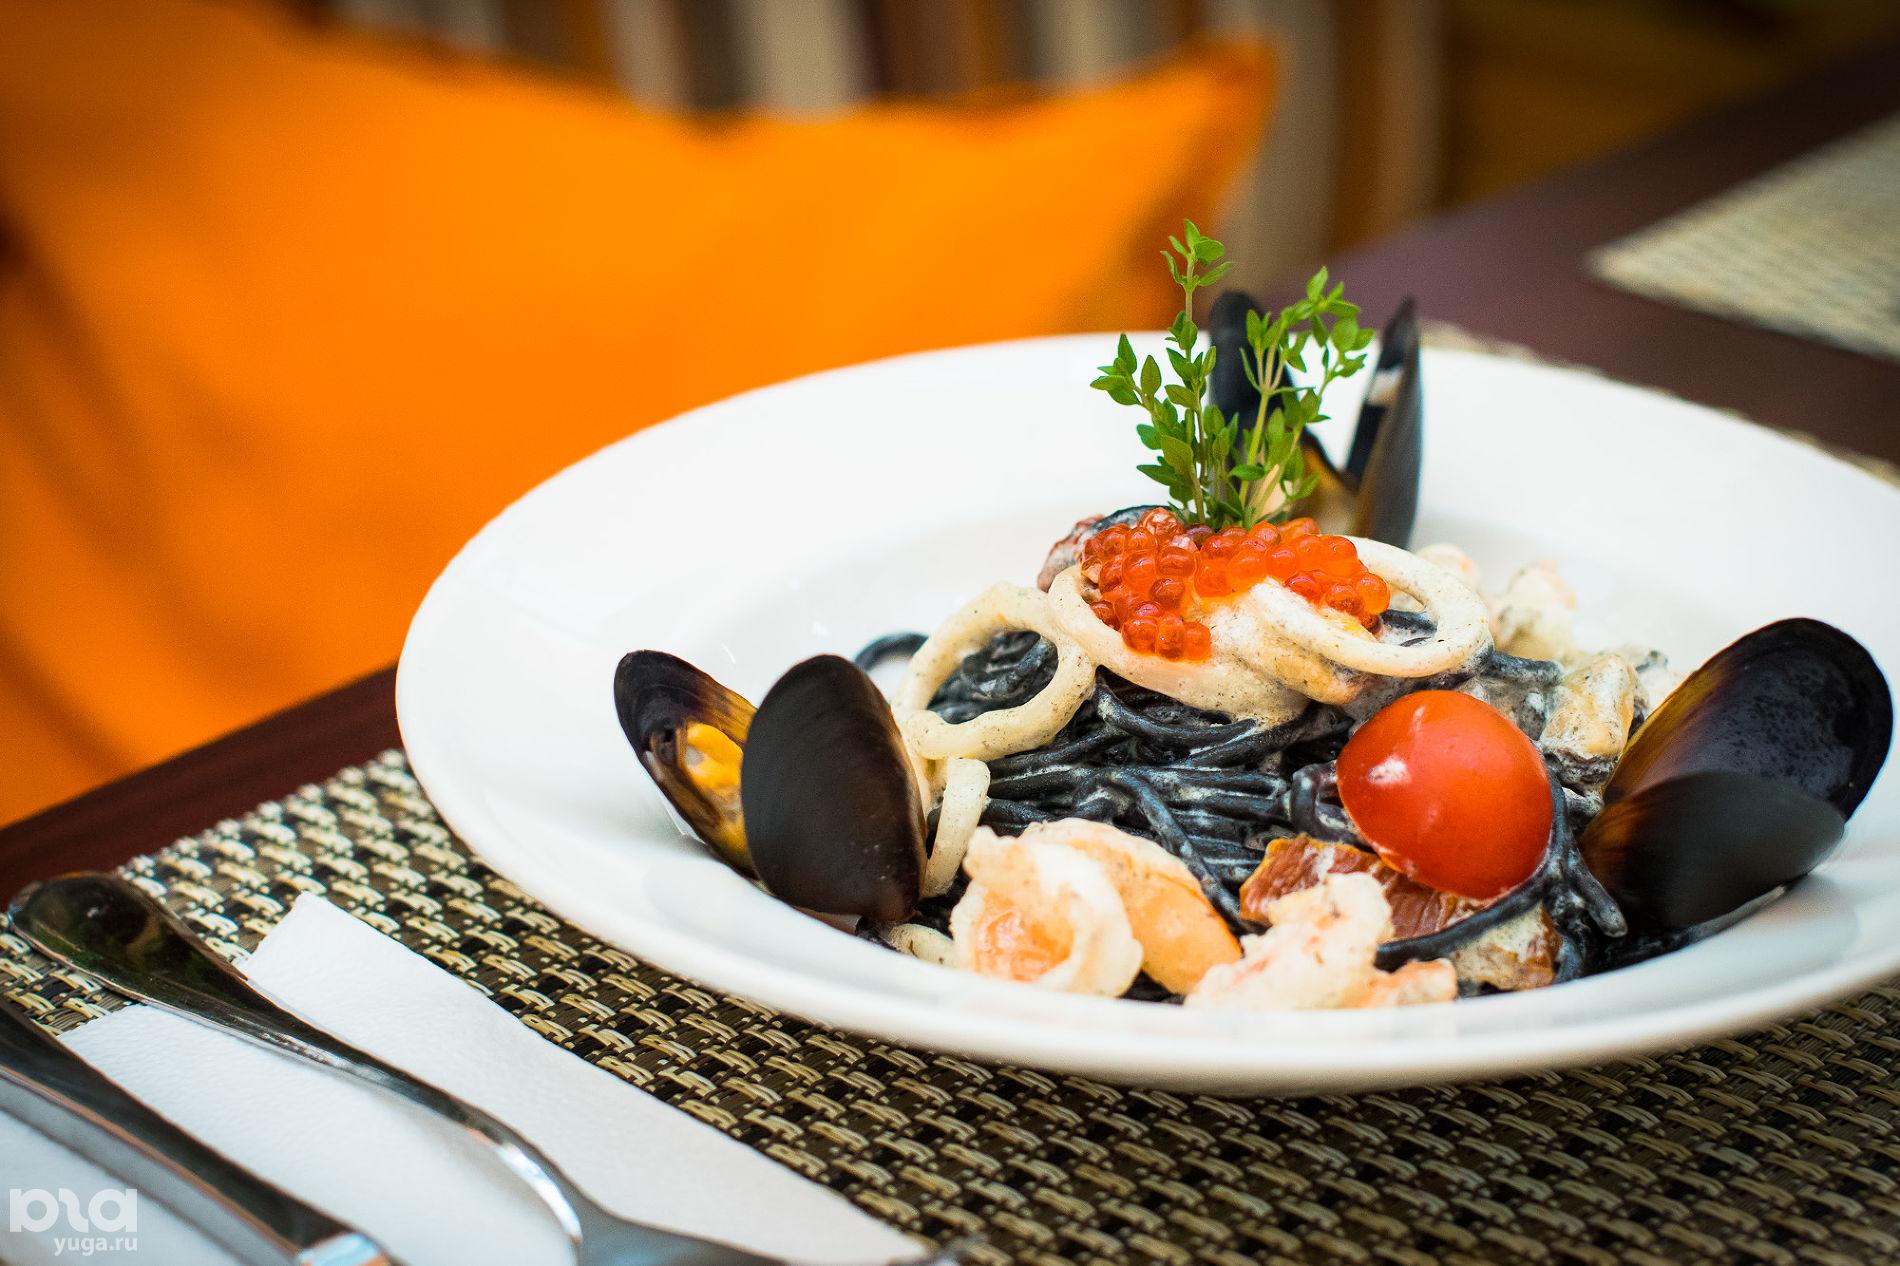 Ресторан Il Patio, паста с чернилами каракатицы и морепродуктами